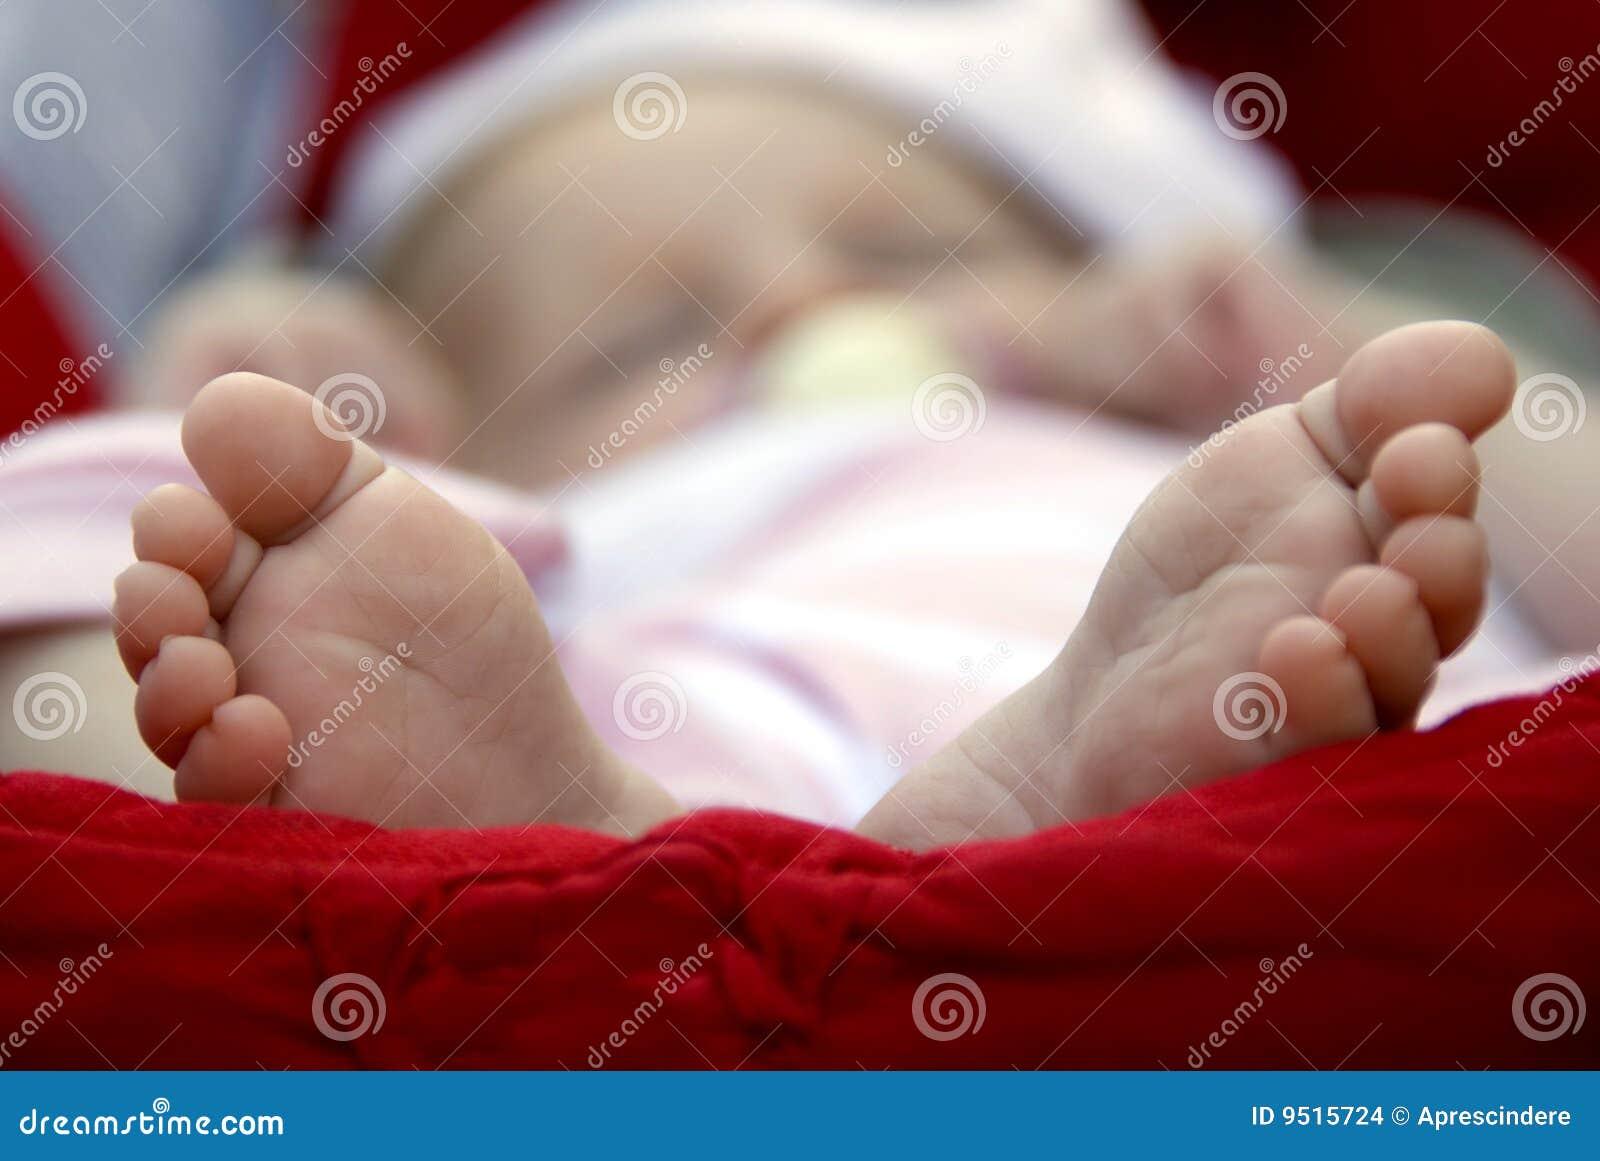 Pasgeboren babyvoeten stock foto afbeelding bestaande uit life 9515724 - Baby voet verkoop ...